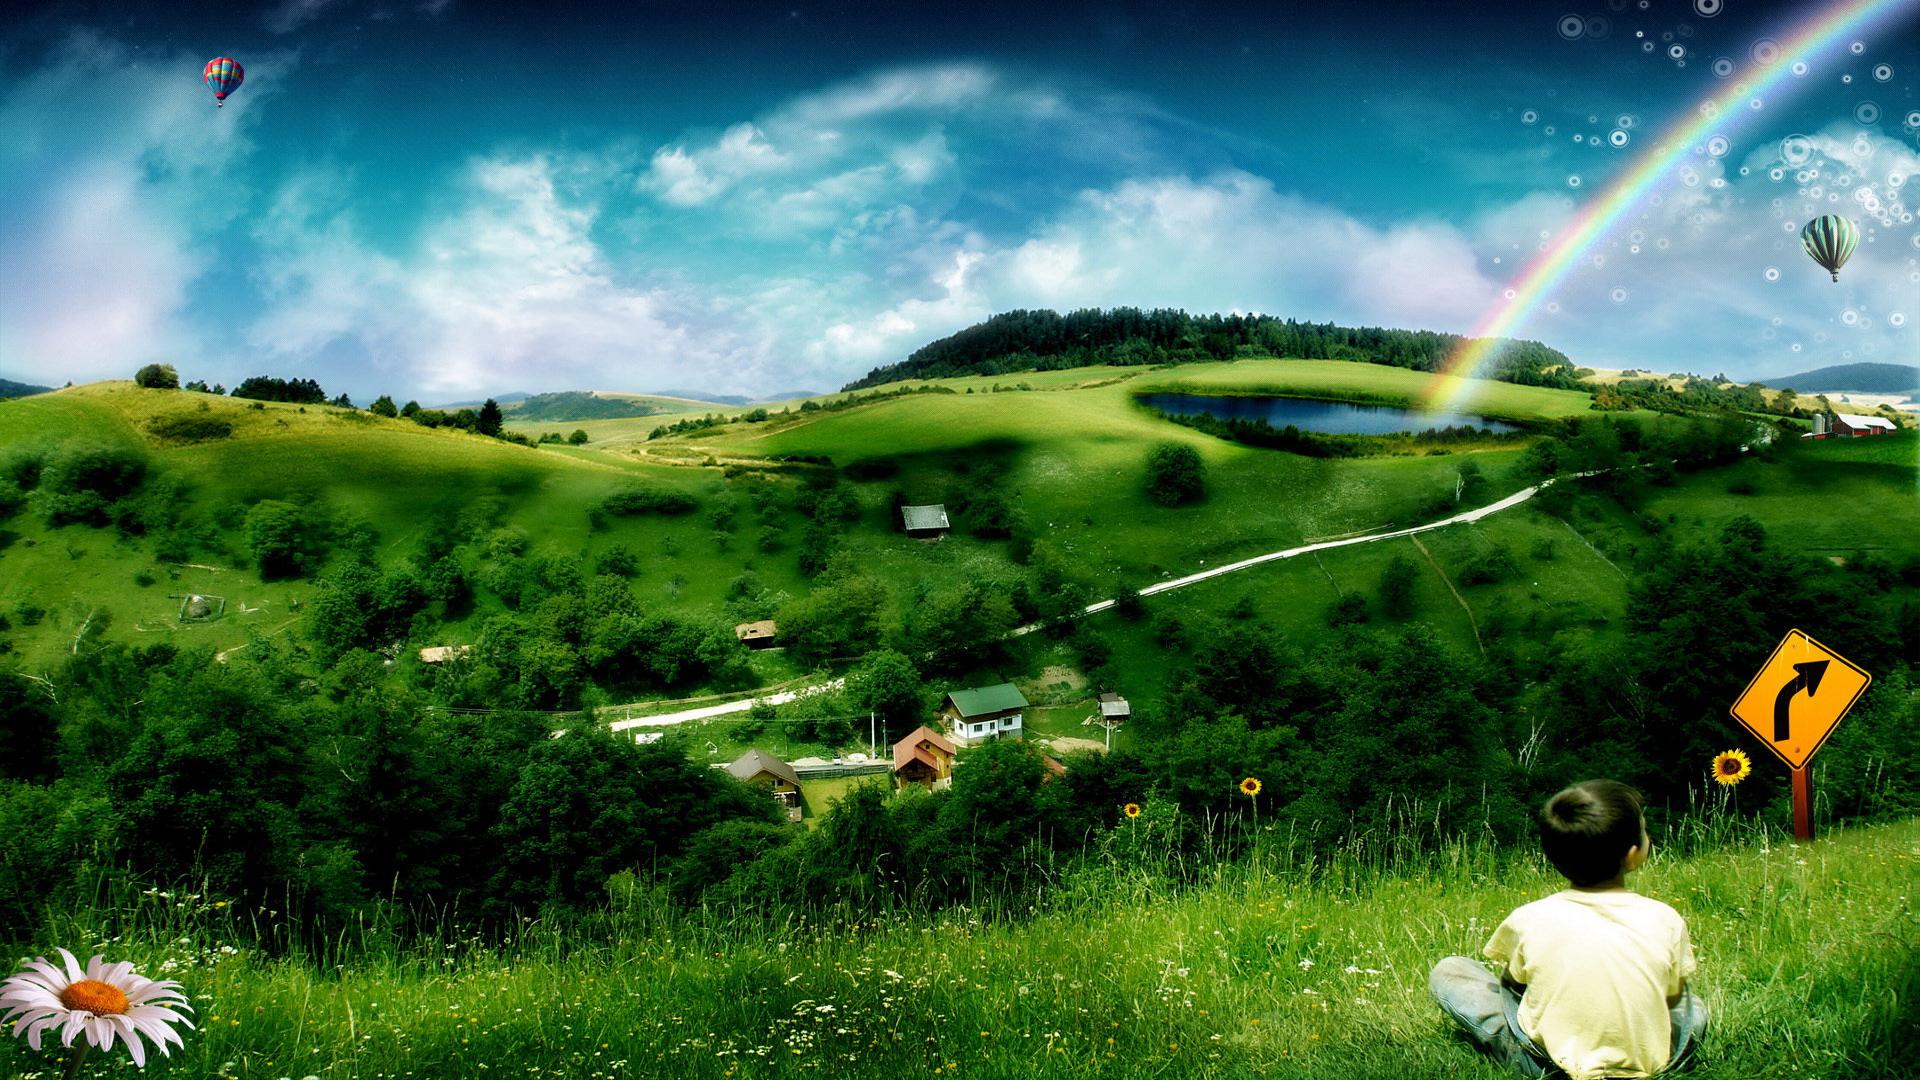 трава, природа, неббо, воздушный шар, радуга, мальчик сидит, скачать фото, обои для рабочего стола